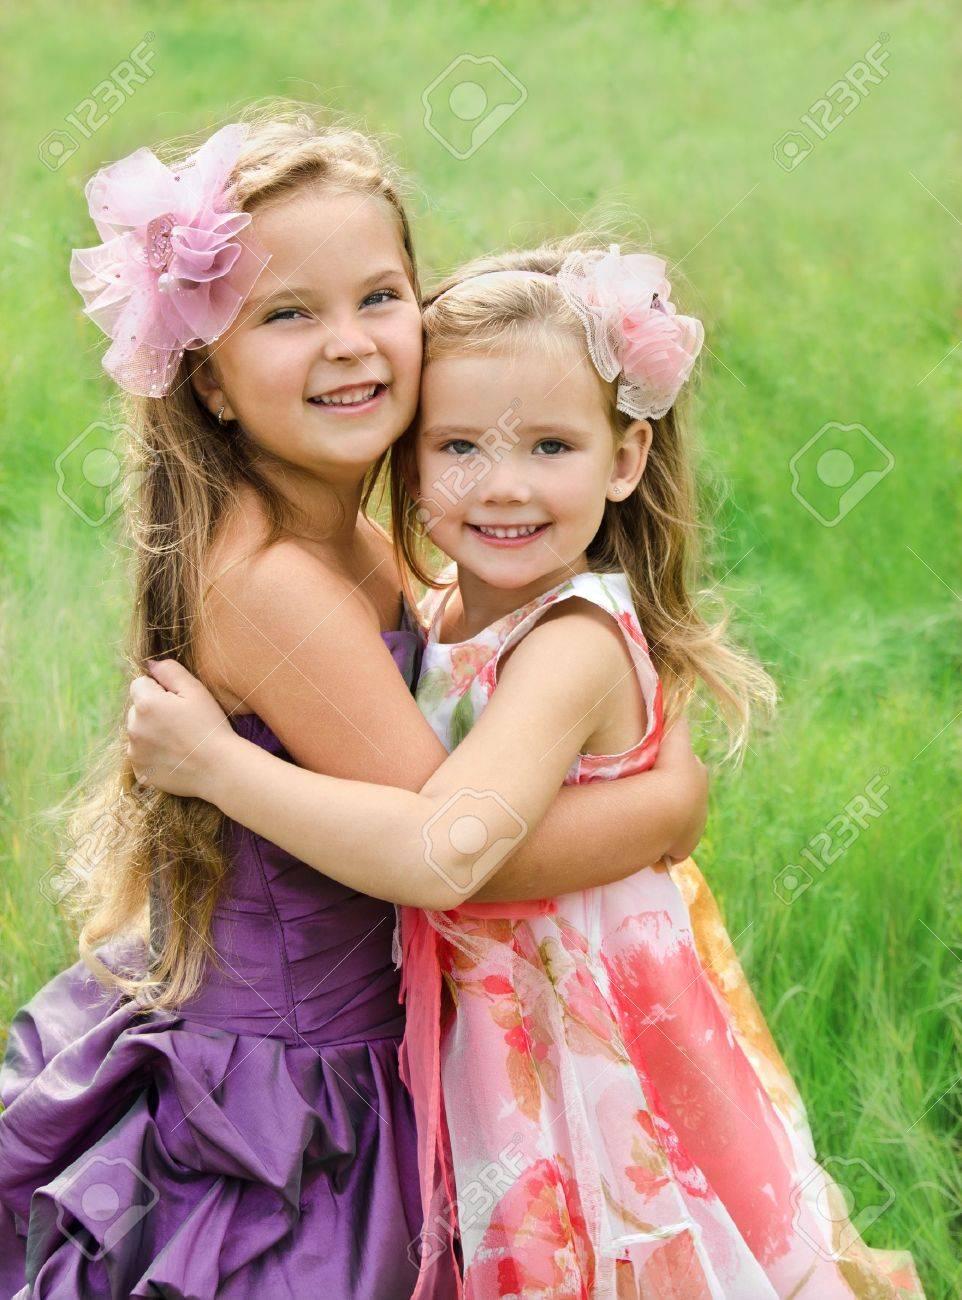 маленькие девочки Наружная портрет двух обнимая милые маленькие девочки Фото со стока -  15871239